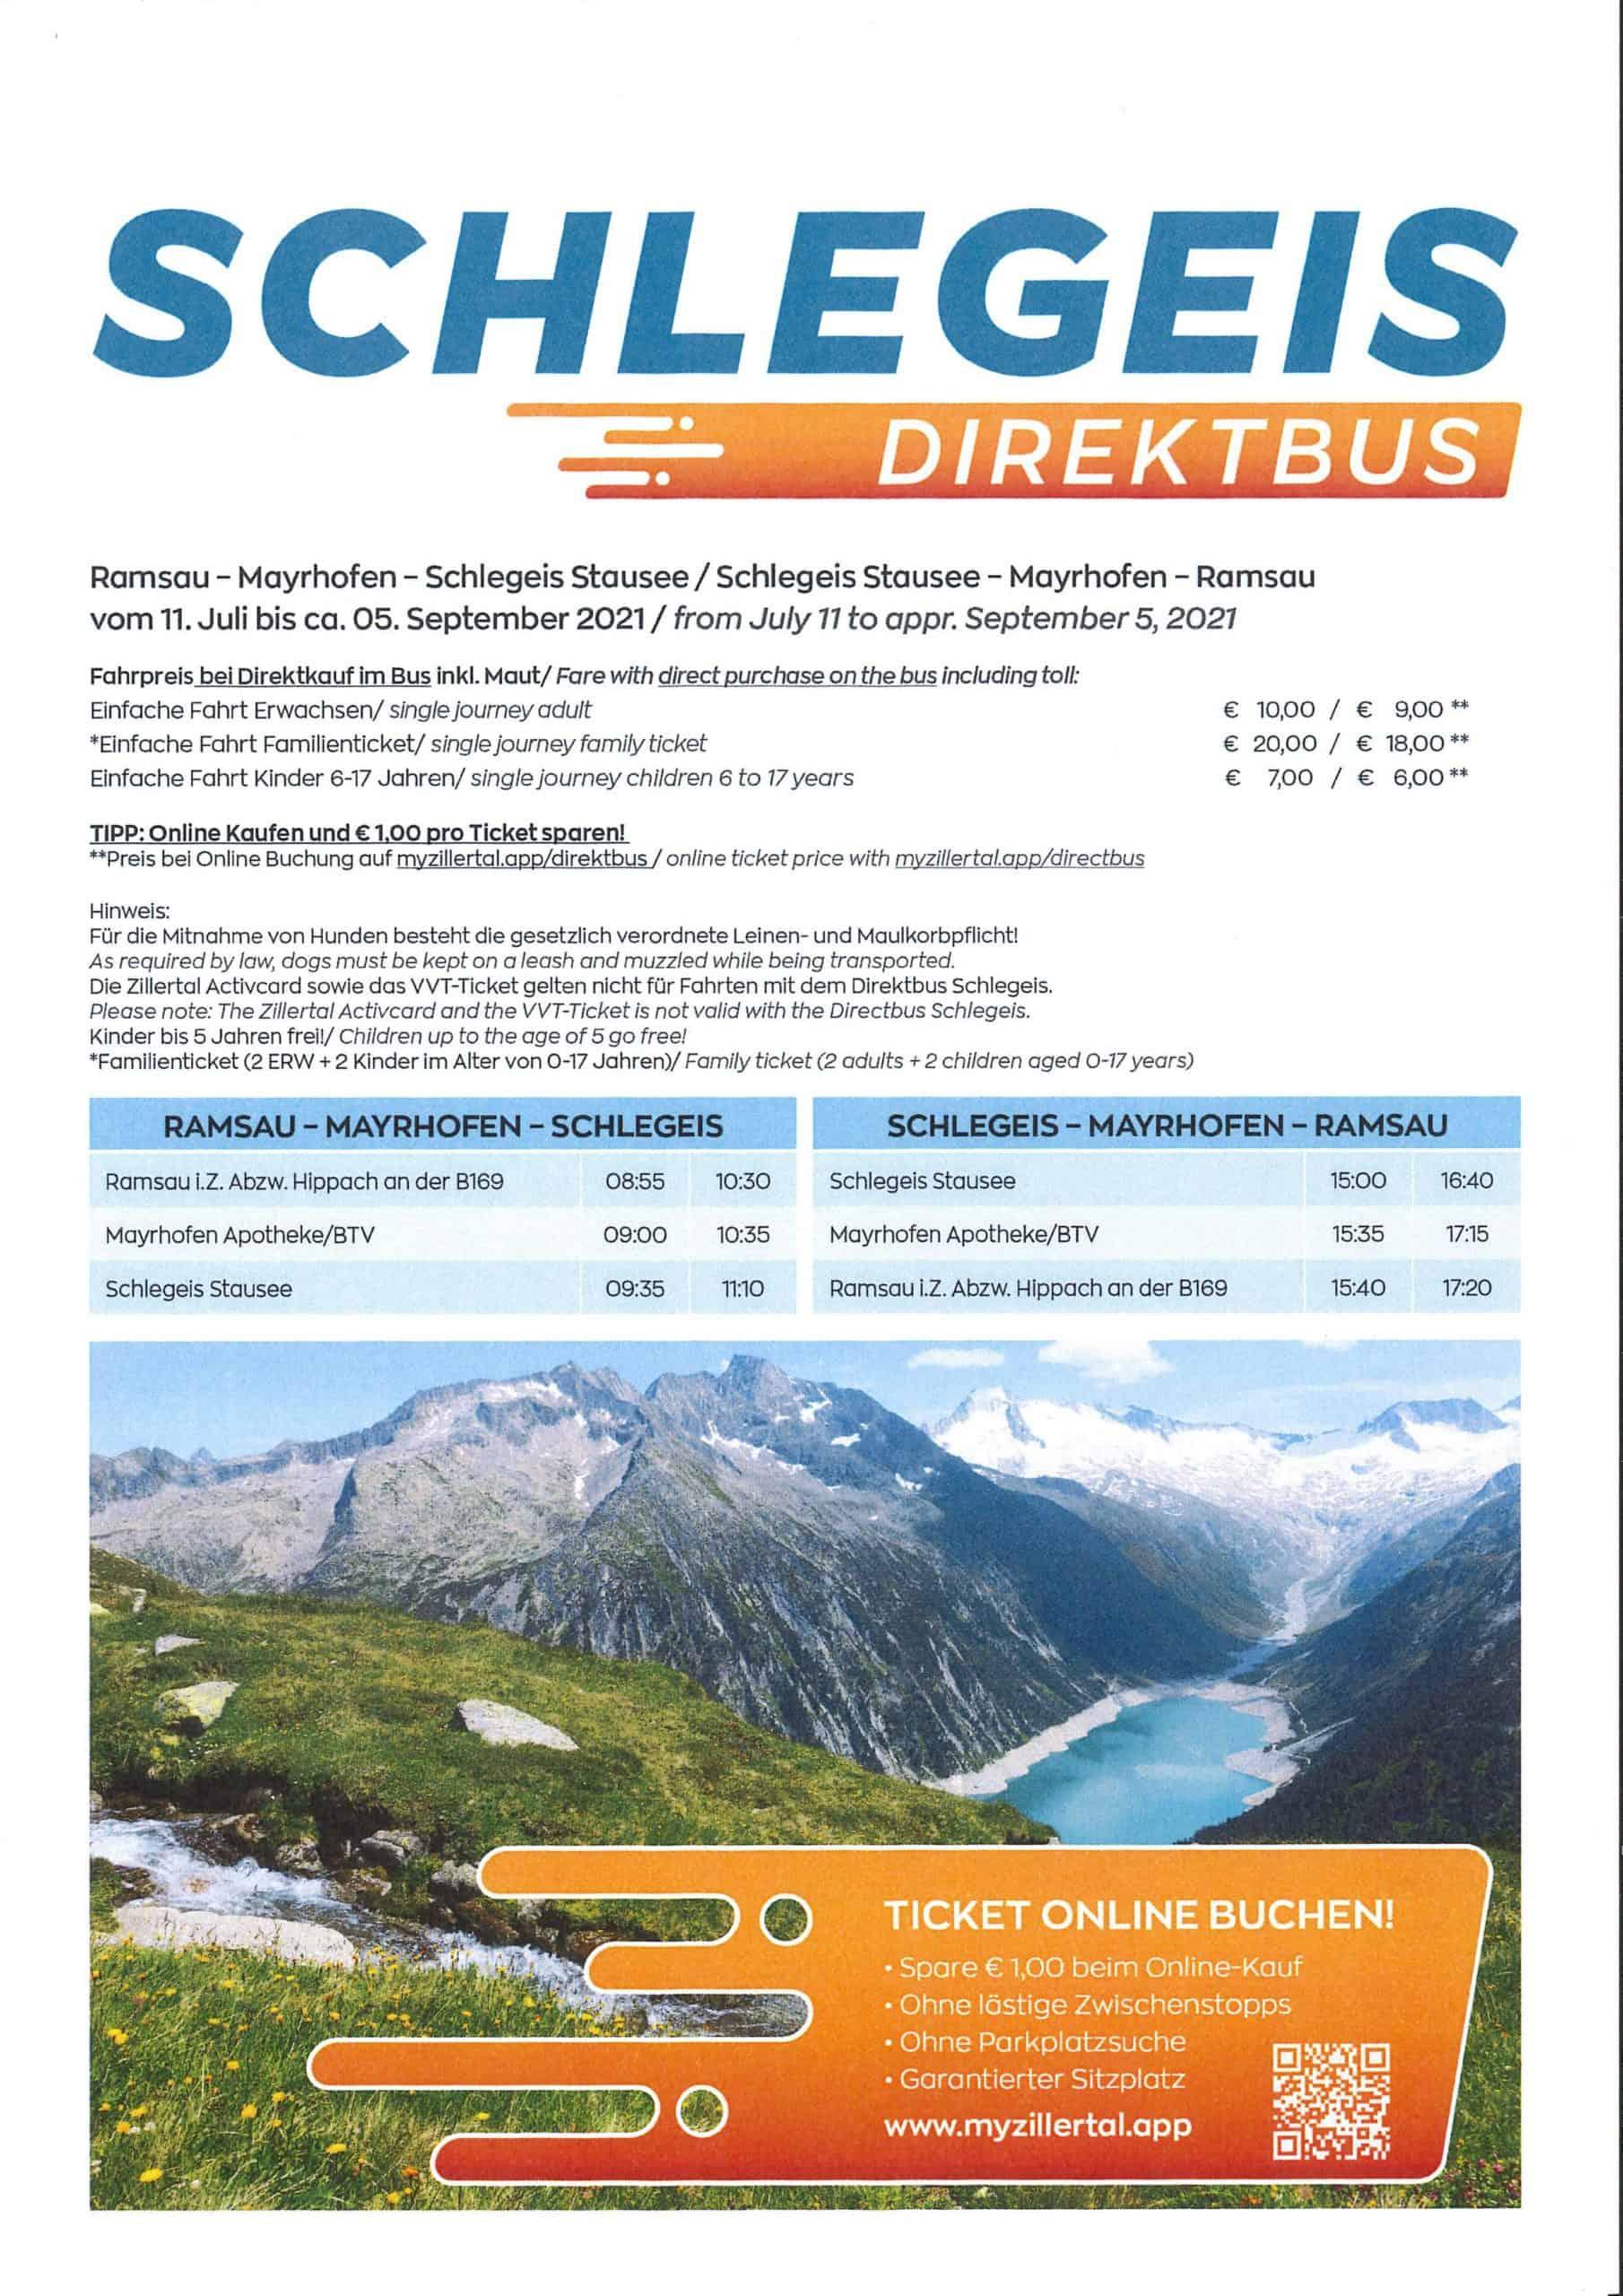 Schlegeis-Direktbus